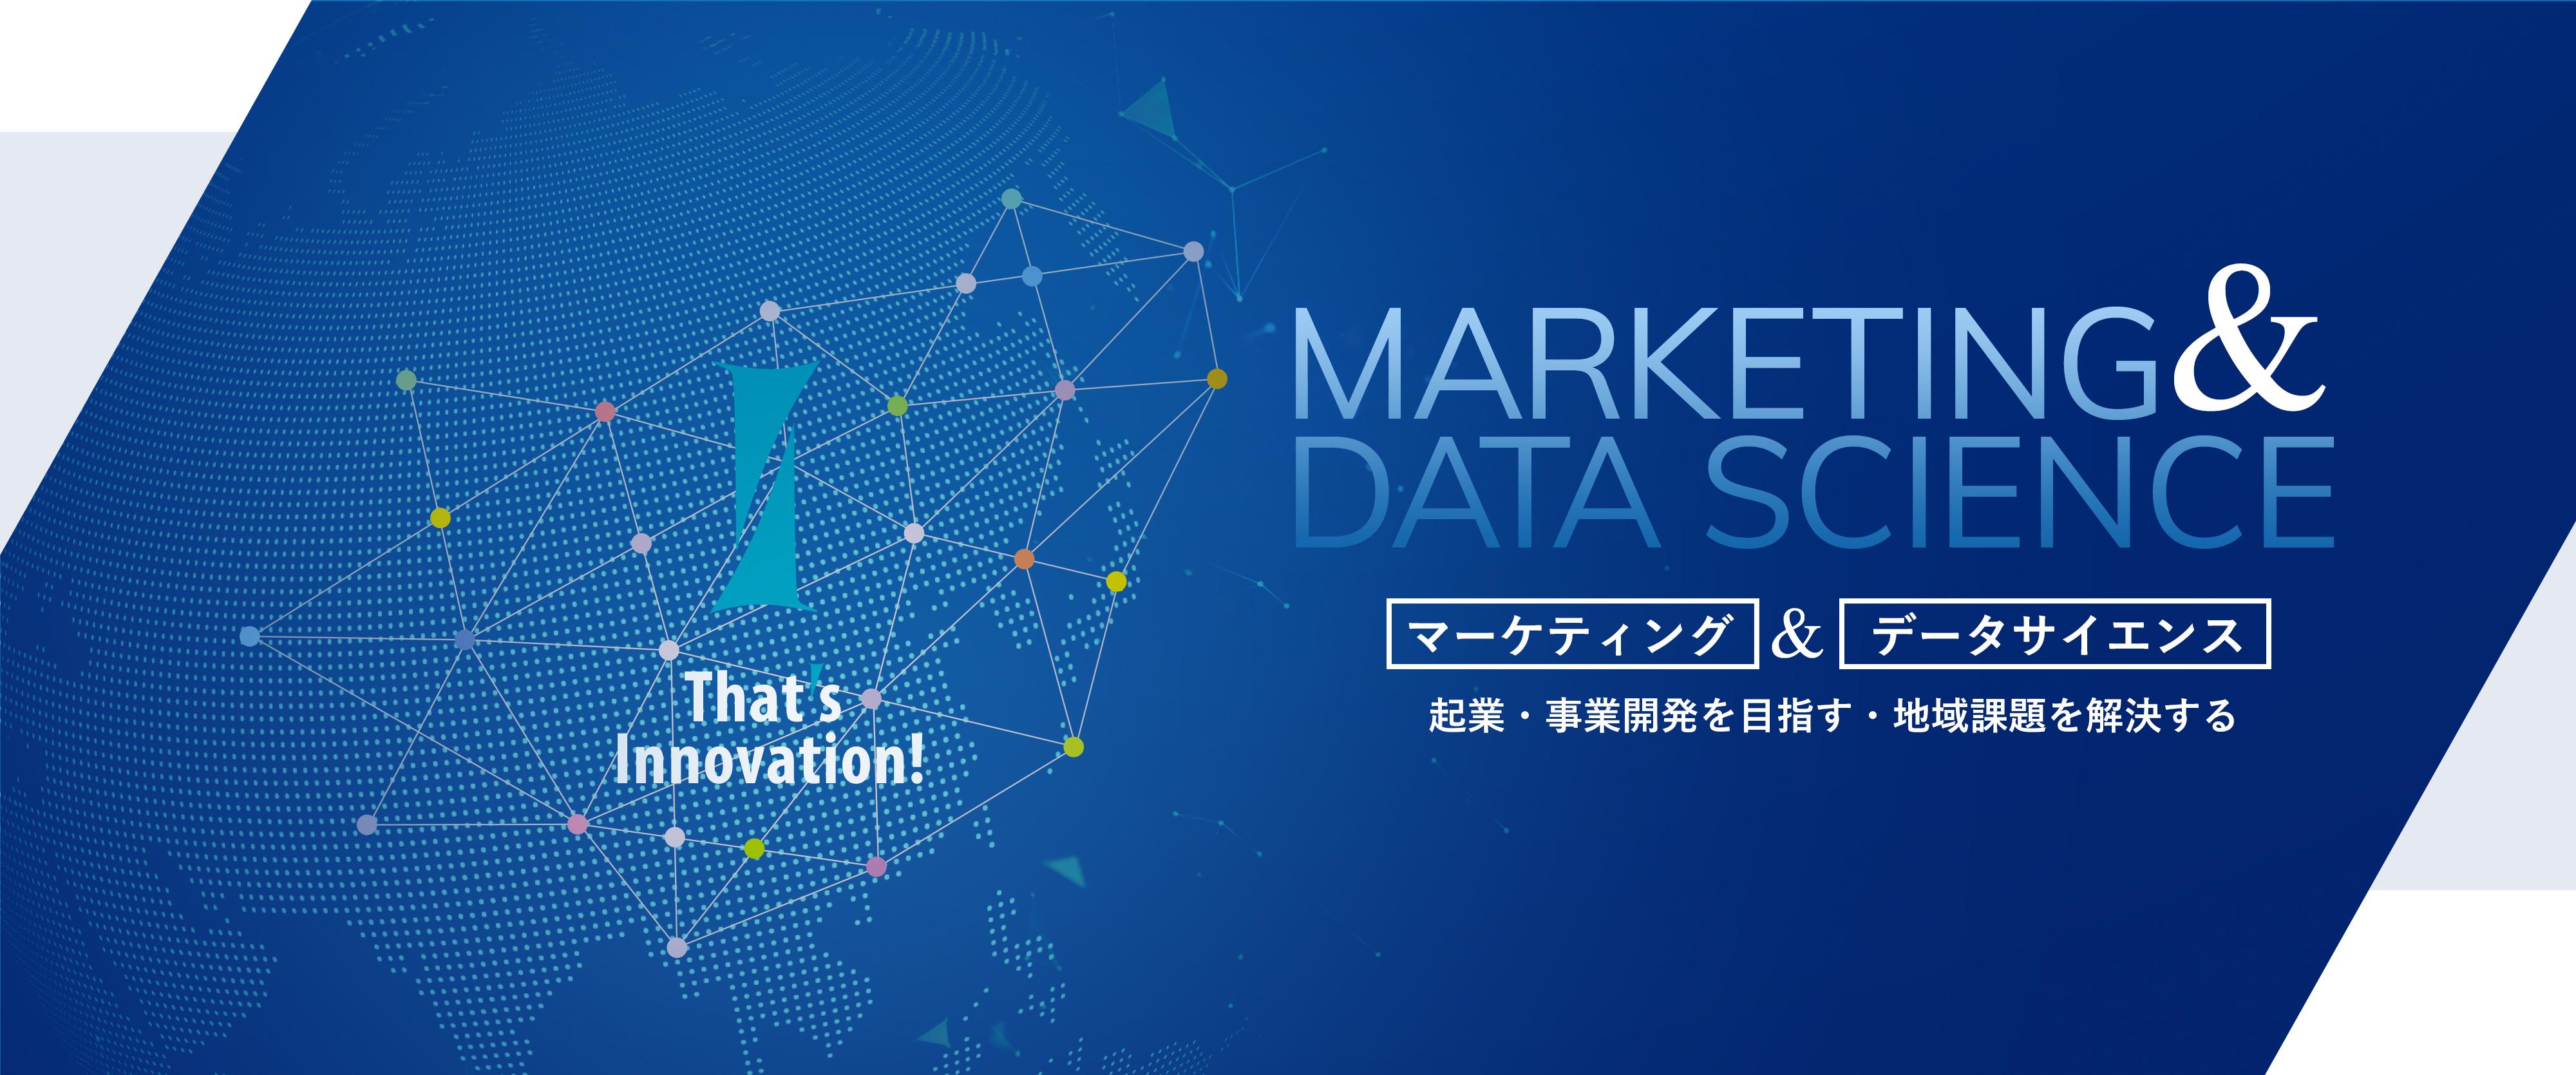 マーケティング&データサイエンス 起業・事業開発を目指す・地域課題を解決する